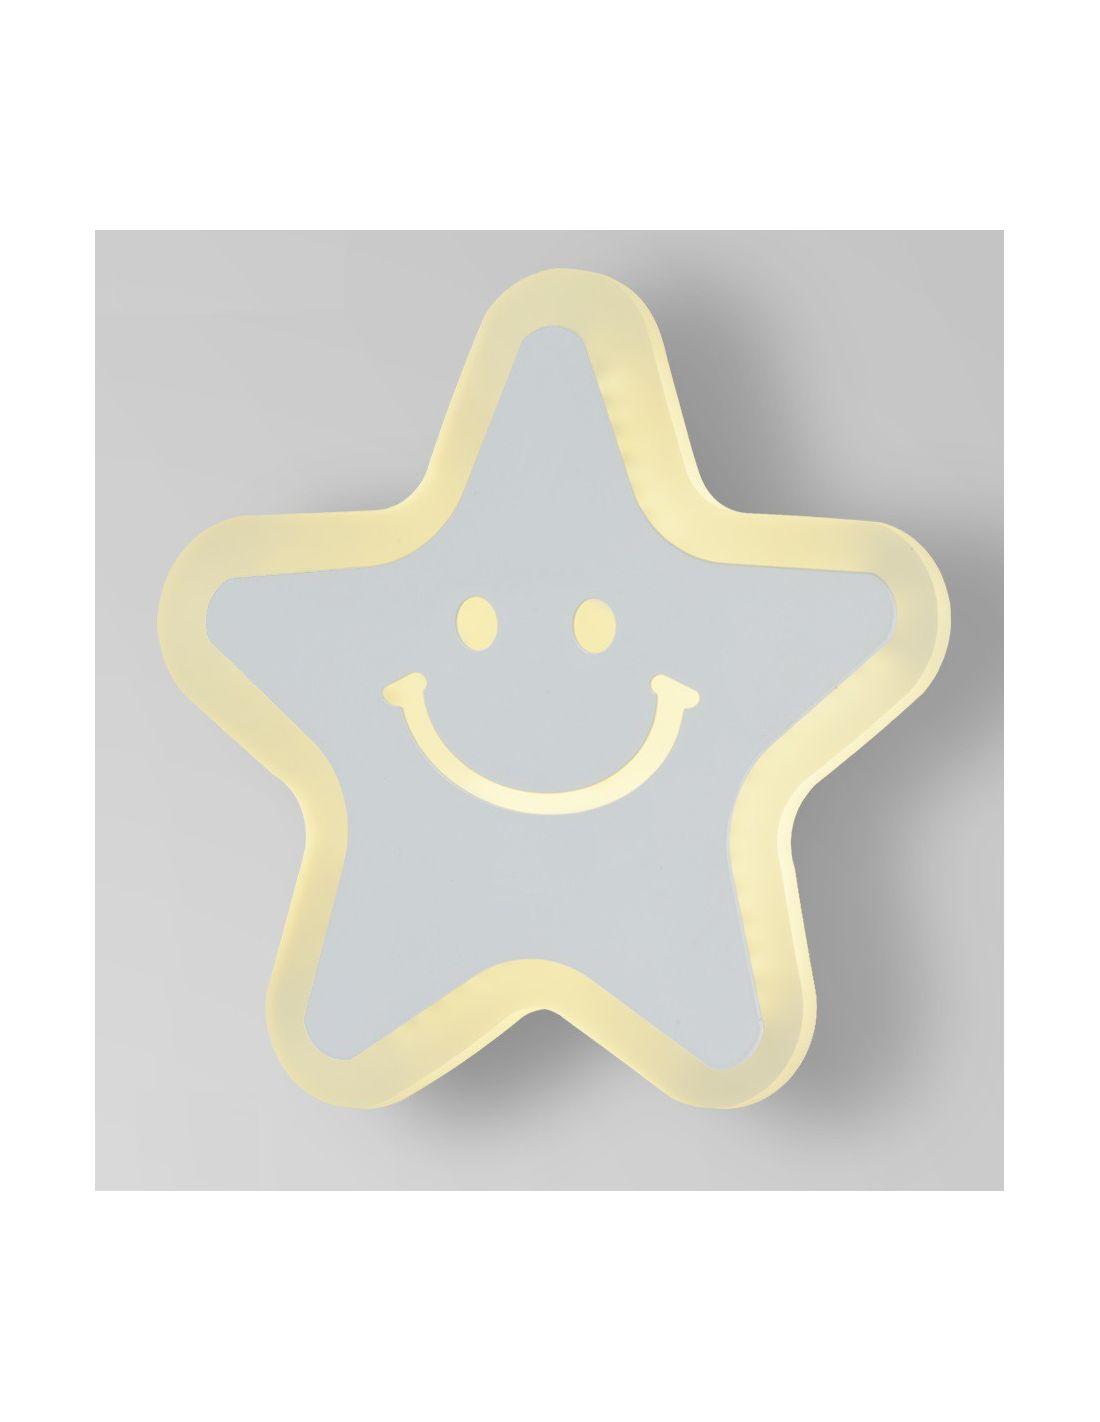 Aplique de pared infantil o juvenil led con forma de estrella - Lamparas pared infantiles ...